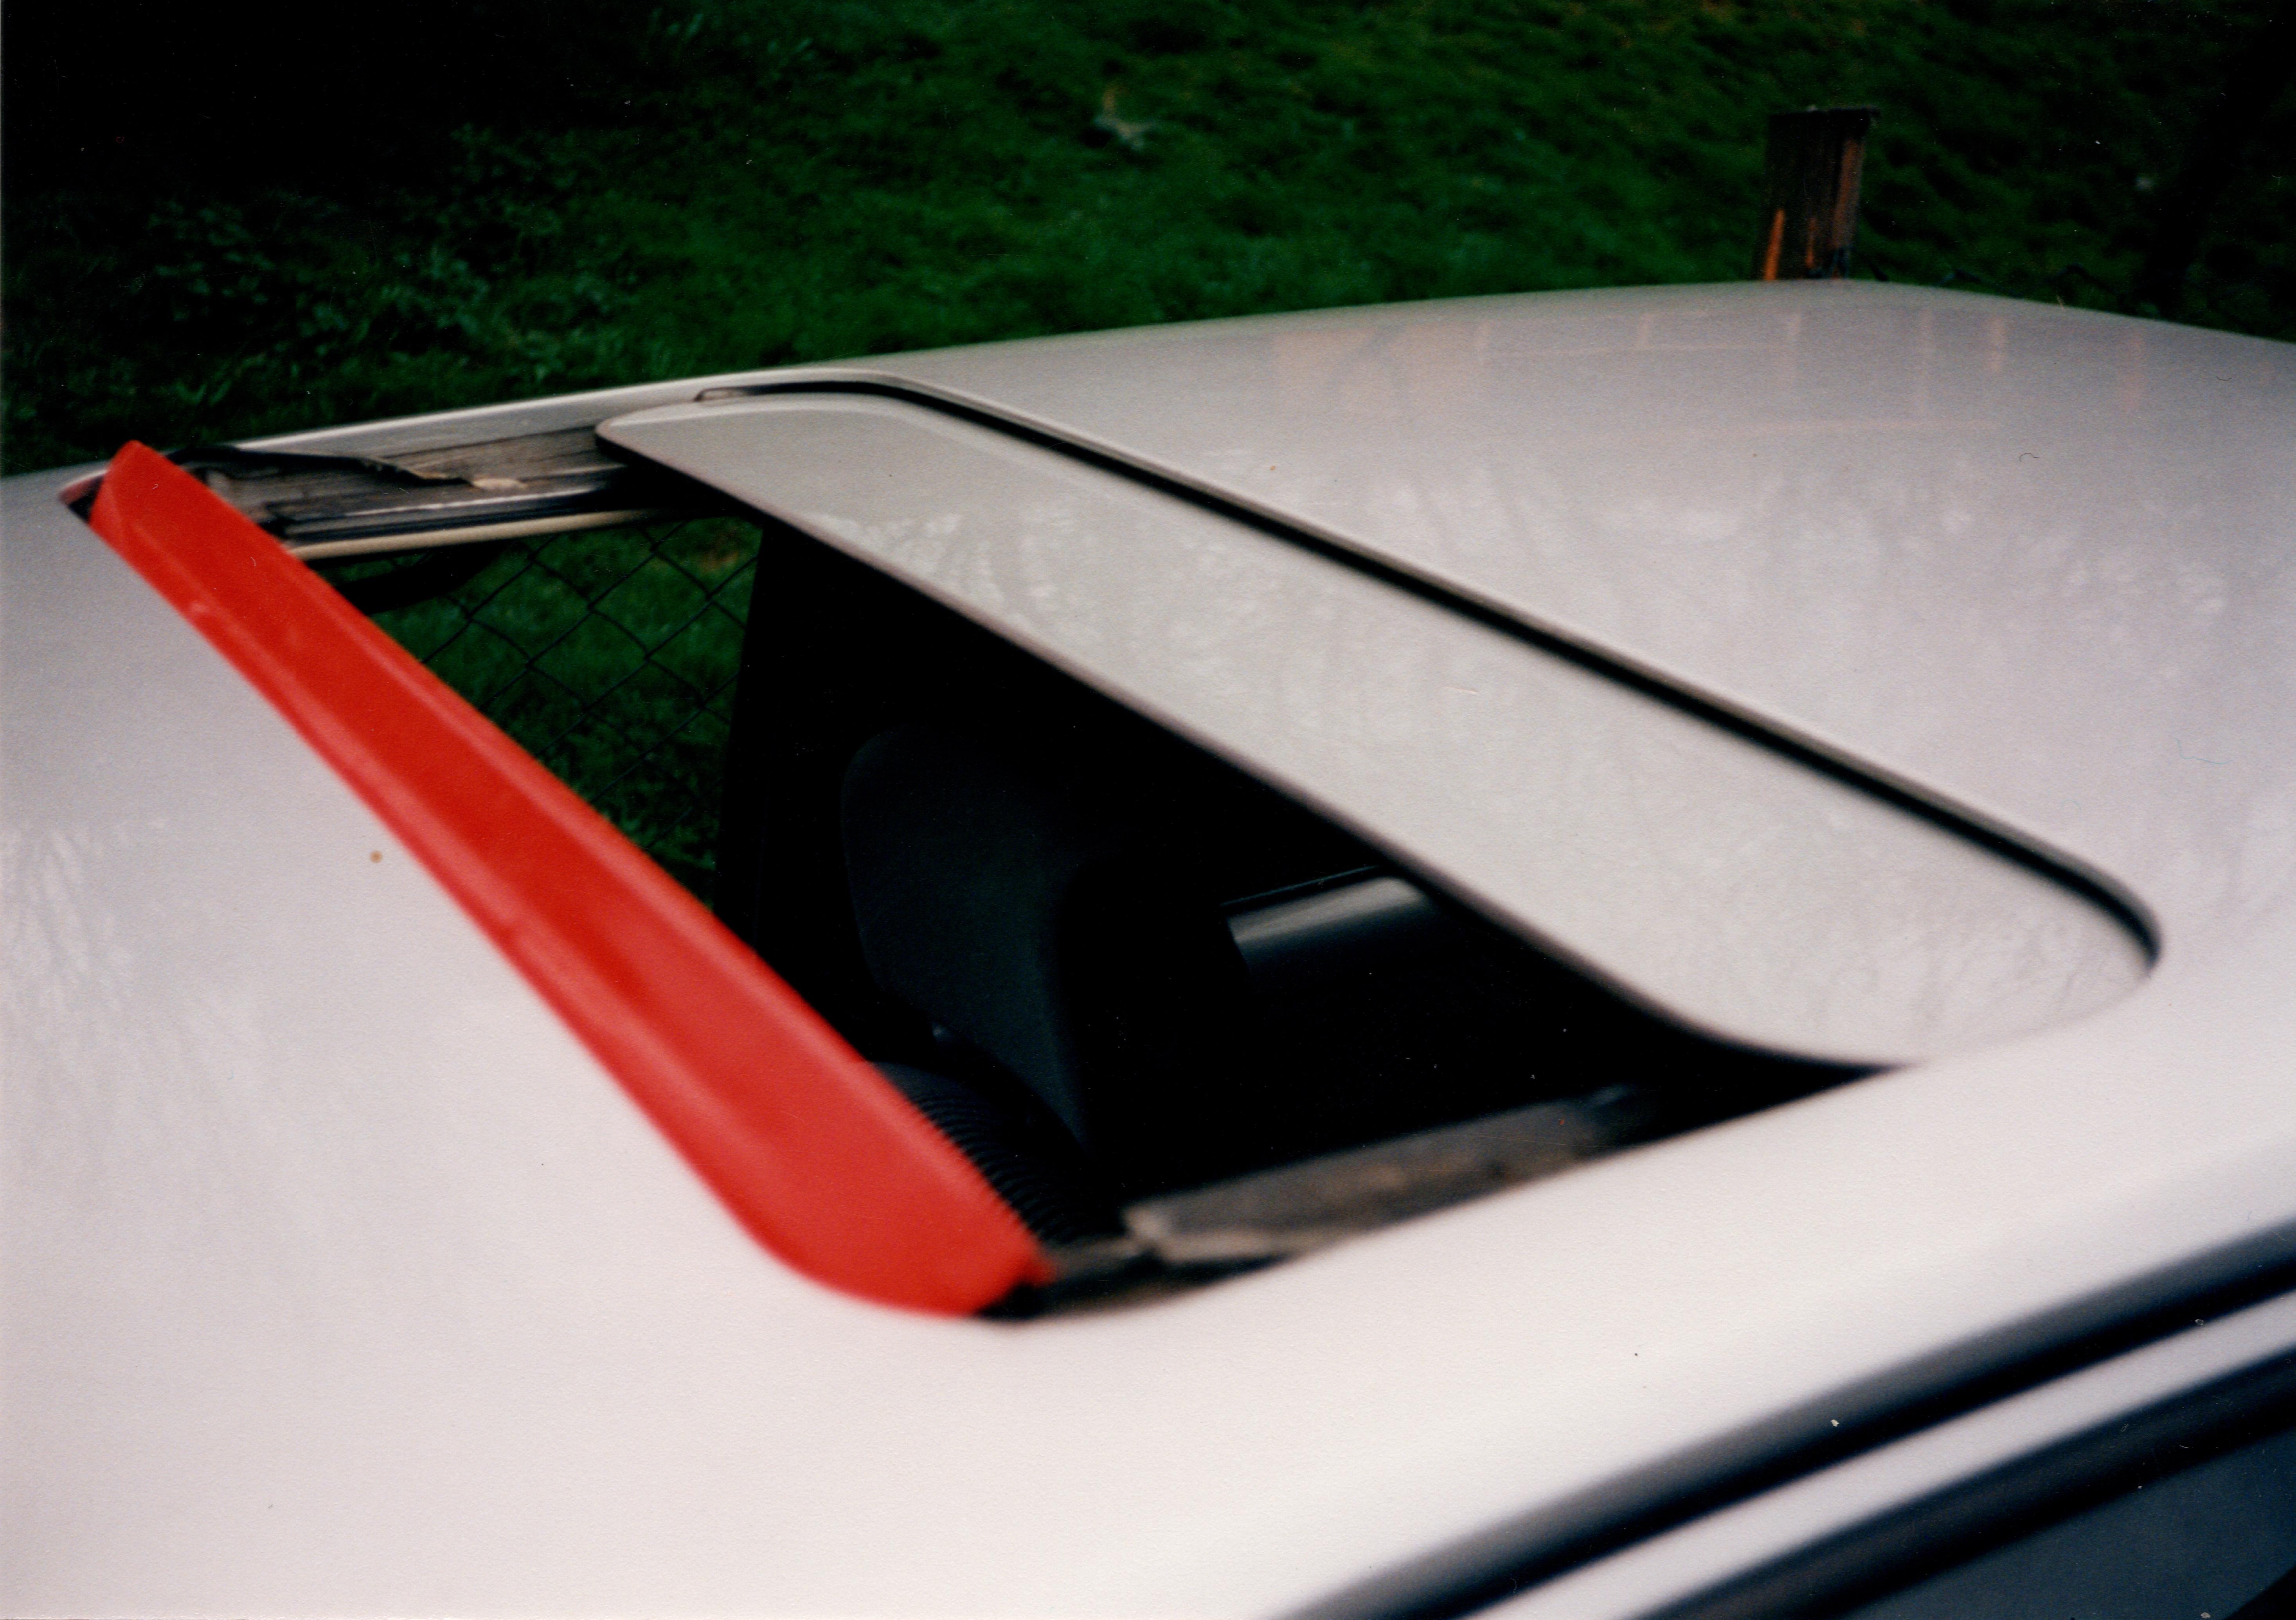 Bild vom Schiebedach eines VW Polo Coupe mit rot lackierter Leiste